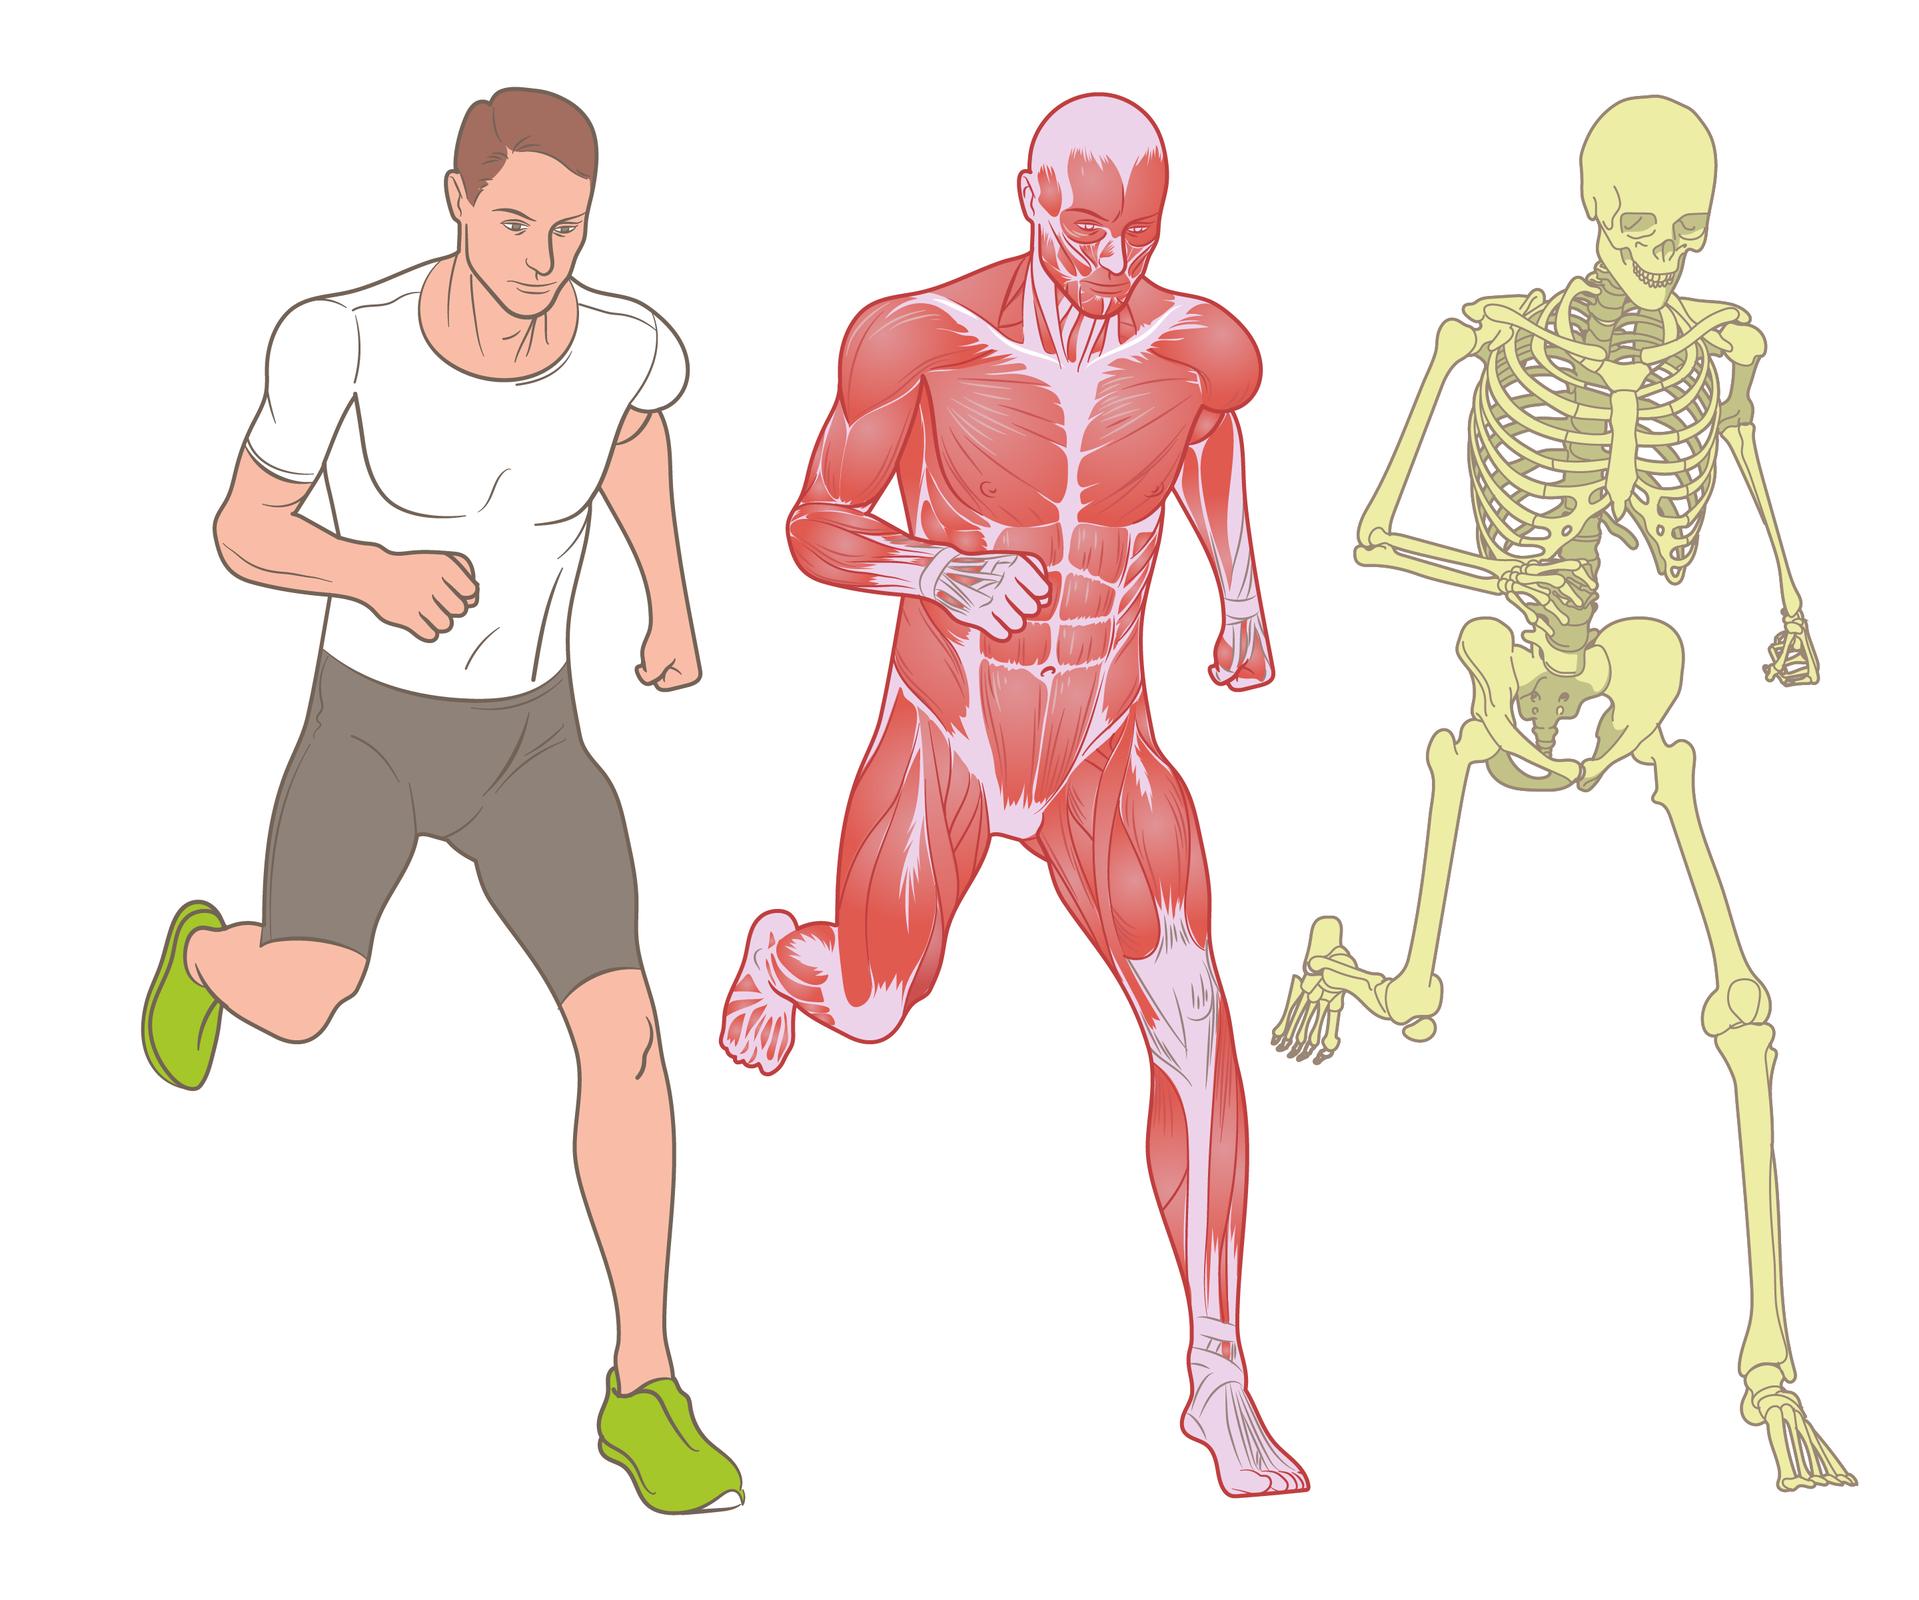 Ilustracja przedstawia trzy sylwetki człowieka. Pierwsza zlewej to biegnący sportowiec. Ubrany wbiałą koszulkę, szare spodenki izielone buty. Wśrodku ta sama sylwetka biegacza, ale czerwona, pozbawiona skóry. Wten sposób przedstawiono jeden zelementów układu ruchu – mięśnie. Ostatnia sylwetka to żółtawy szkielet.